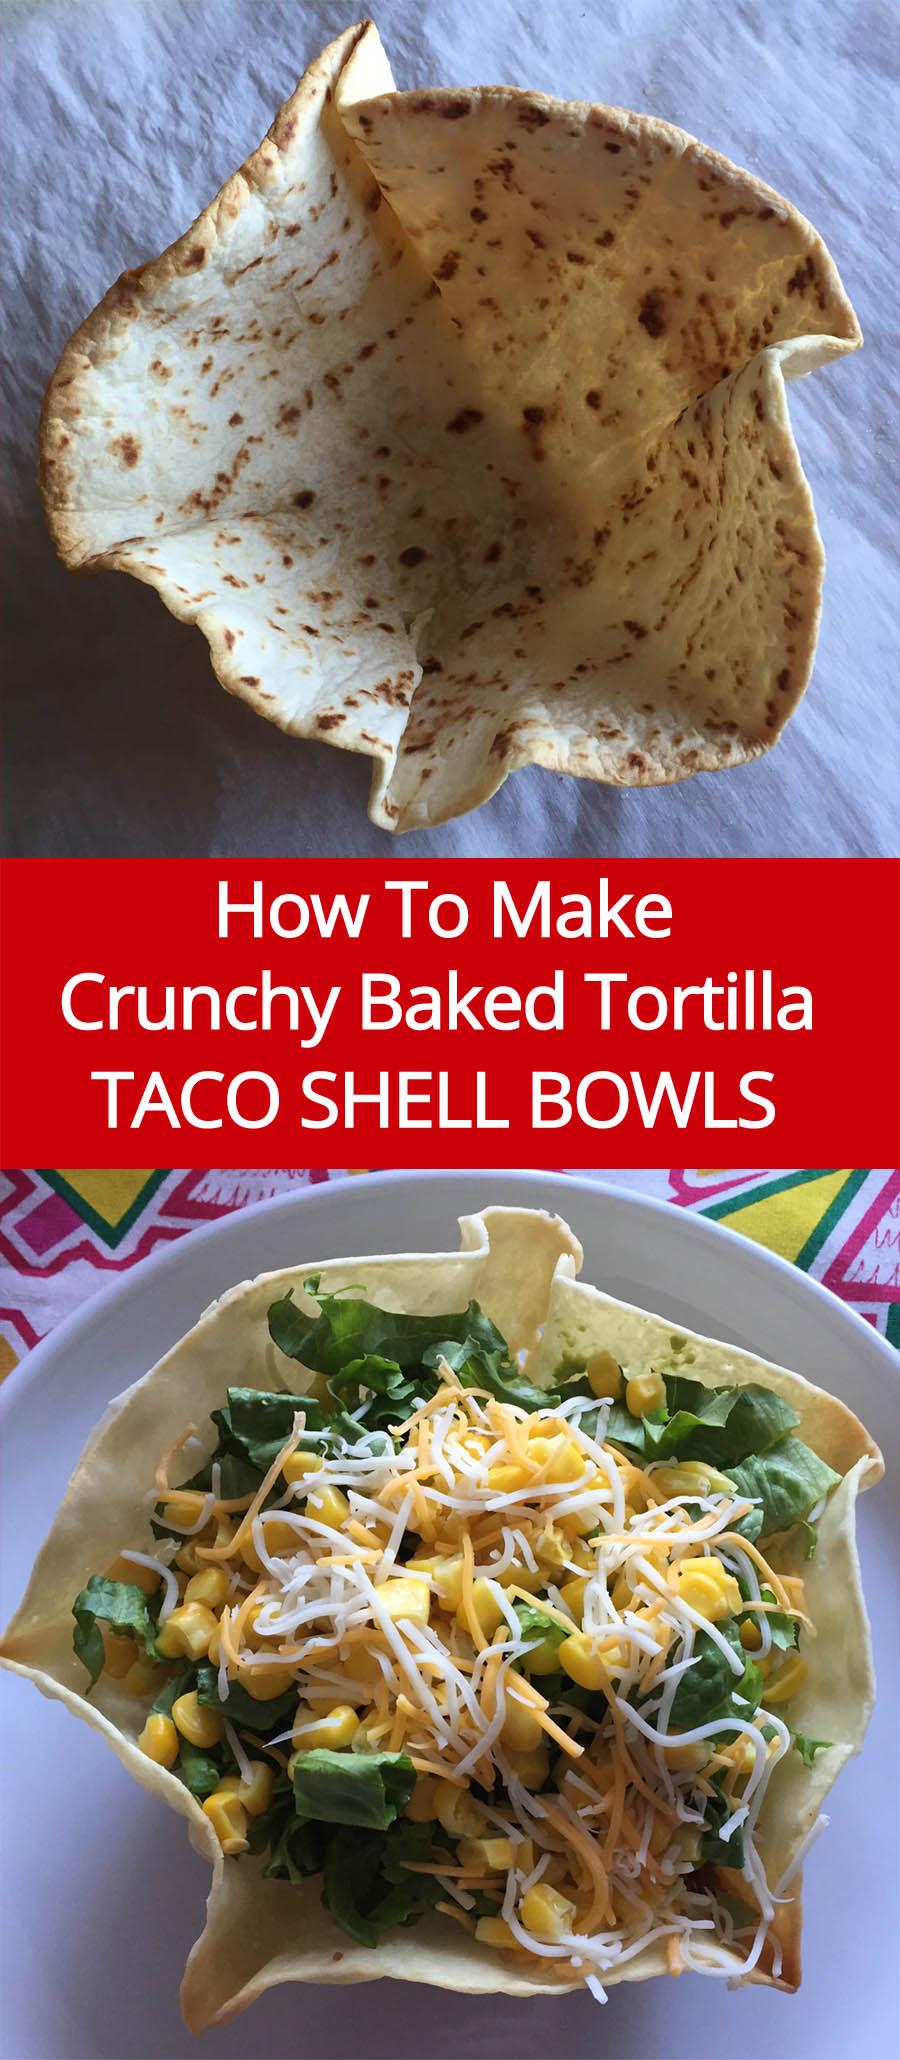 Taco Shell Bowls Recipe For Taco Salad